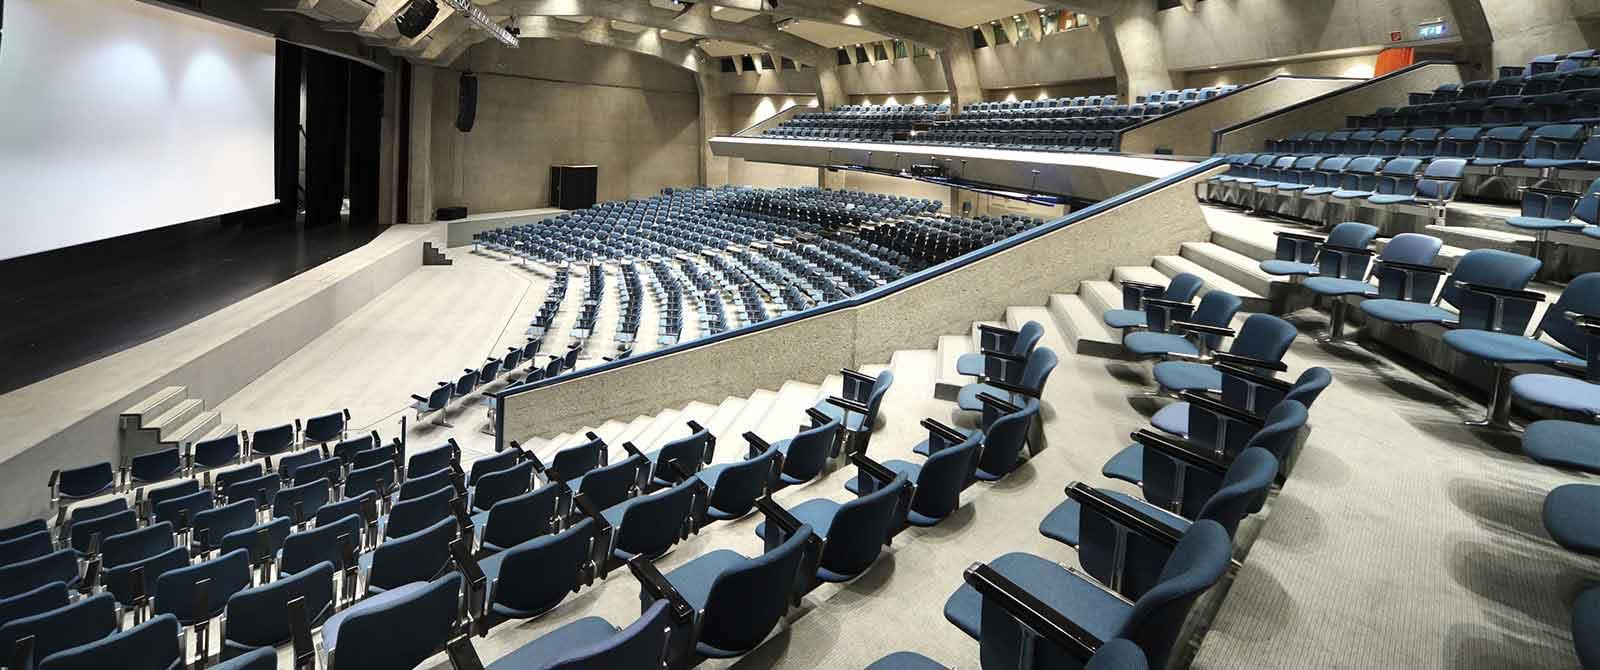 palazzo-dei-congressi-lugano-visionary-day